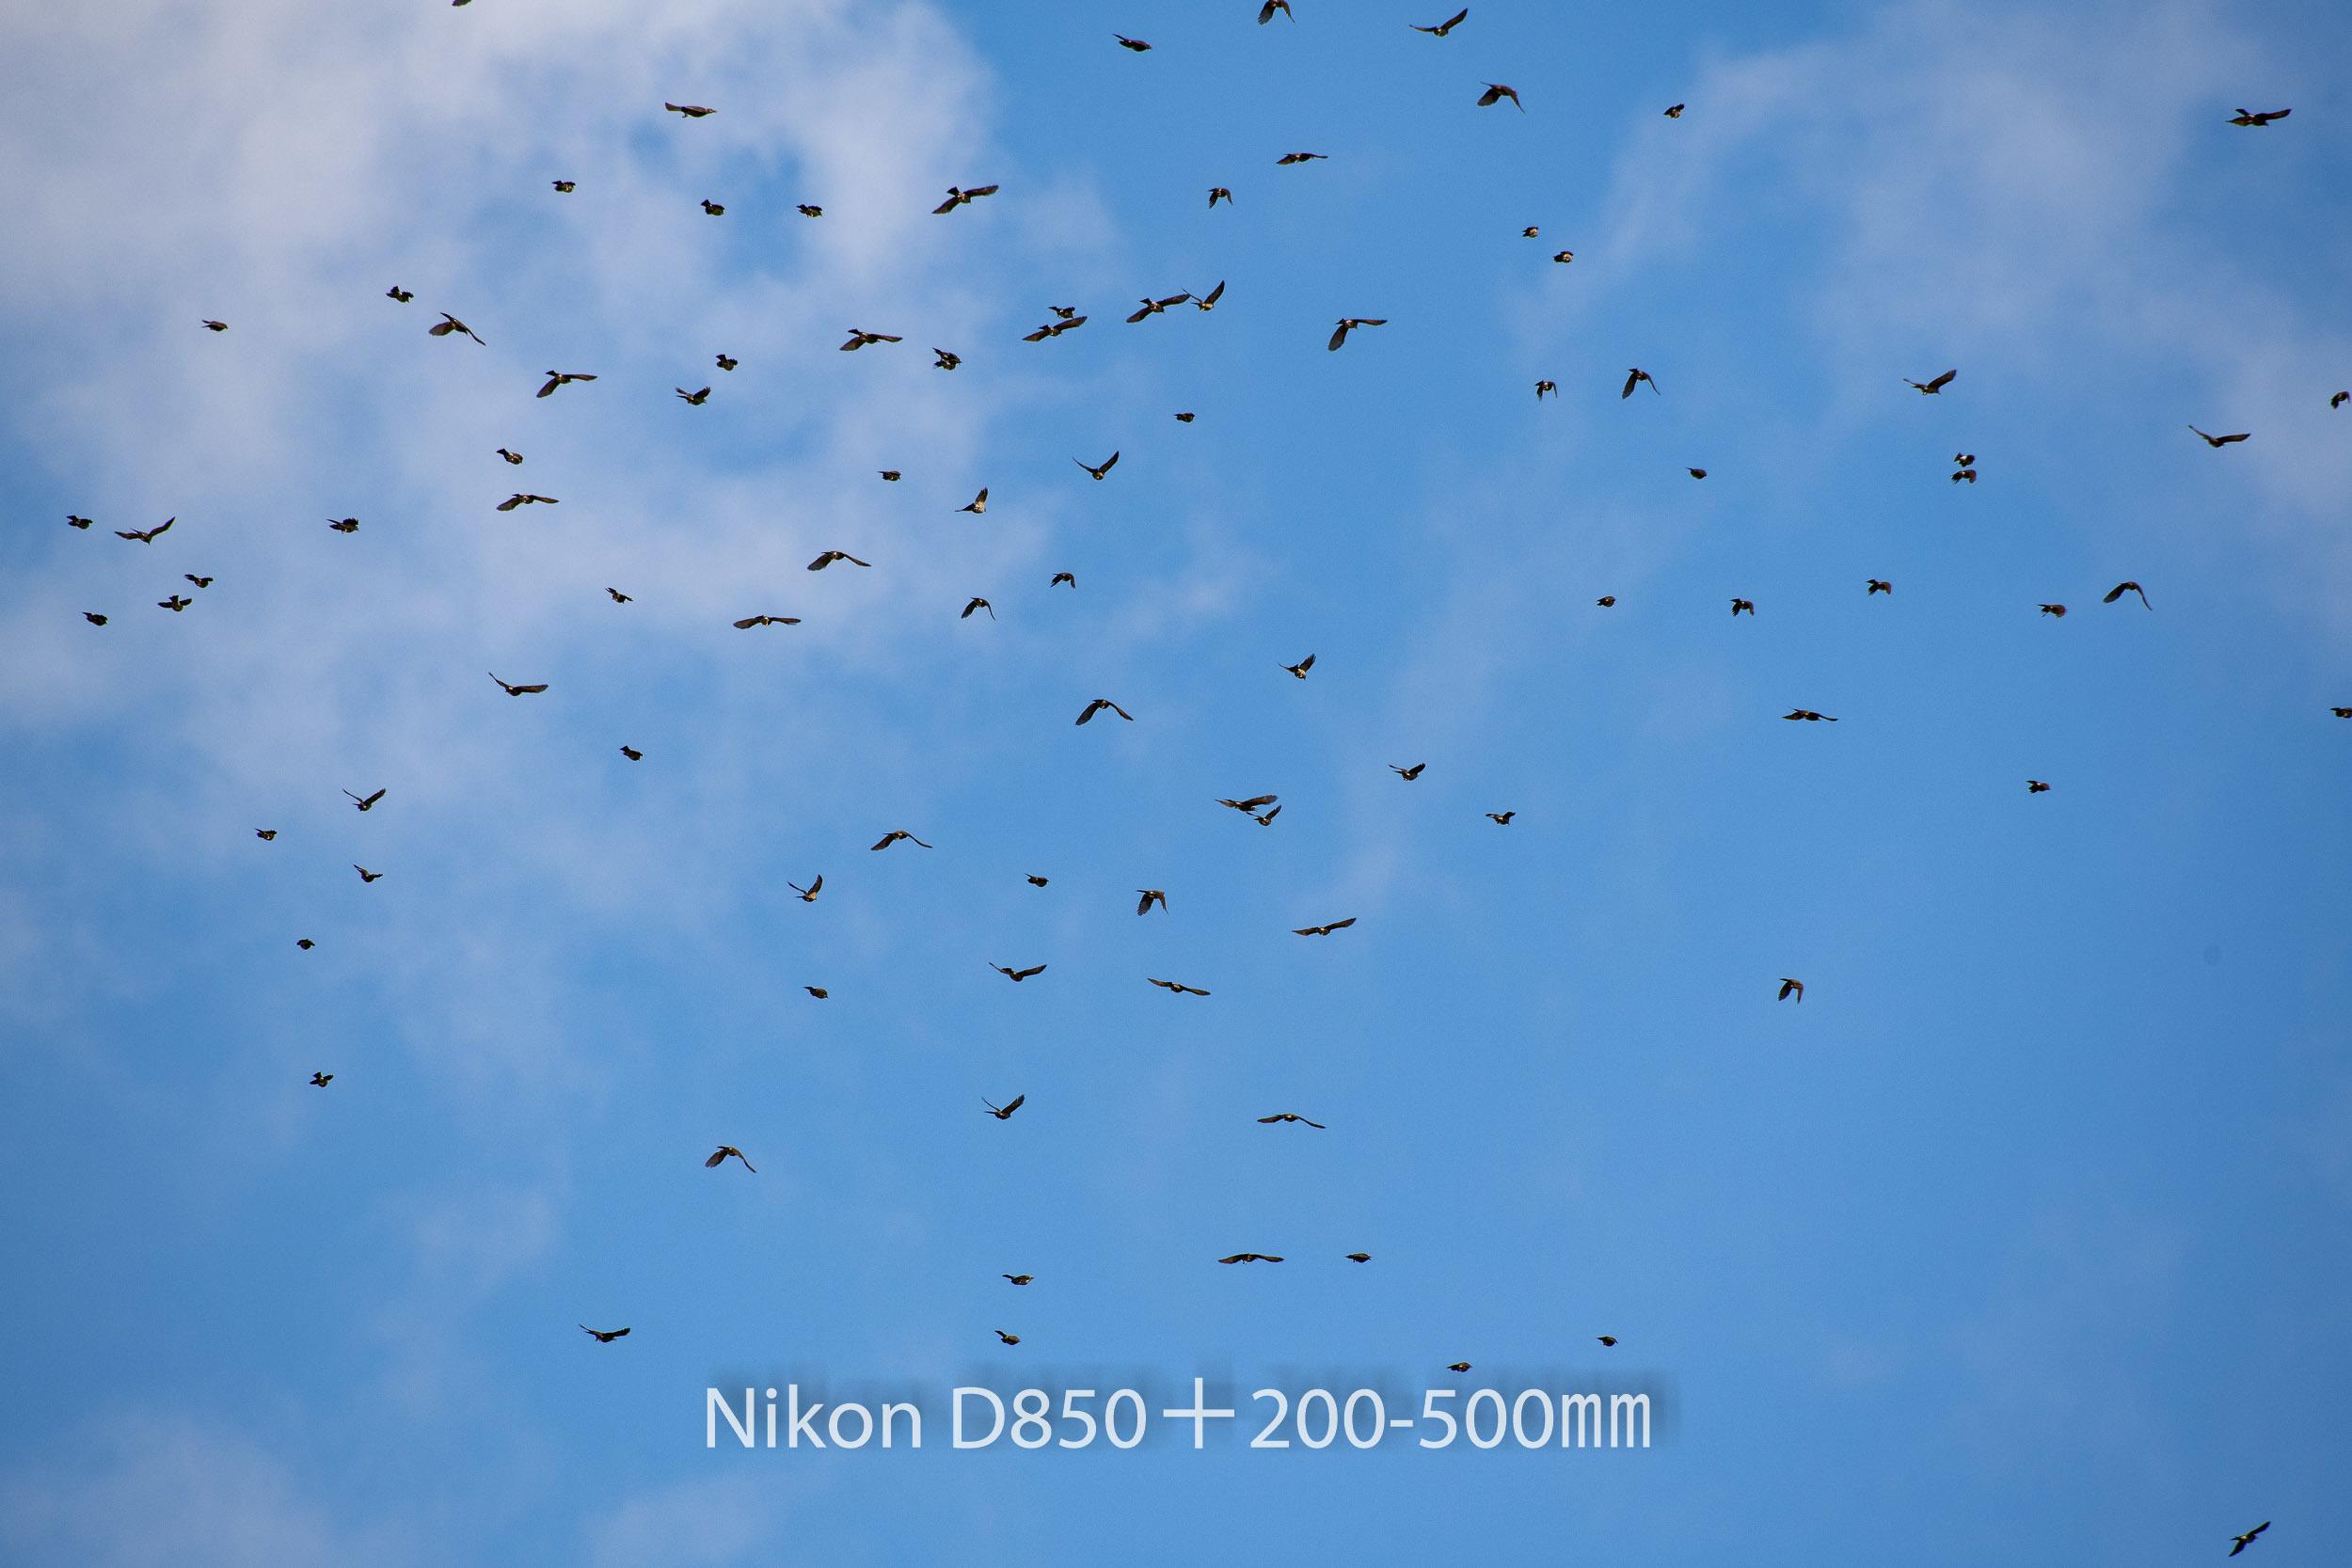 191004 ヒヨドリ集団-13 NIKON D850 ISO 220 500 mm 8256 x 5504